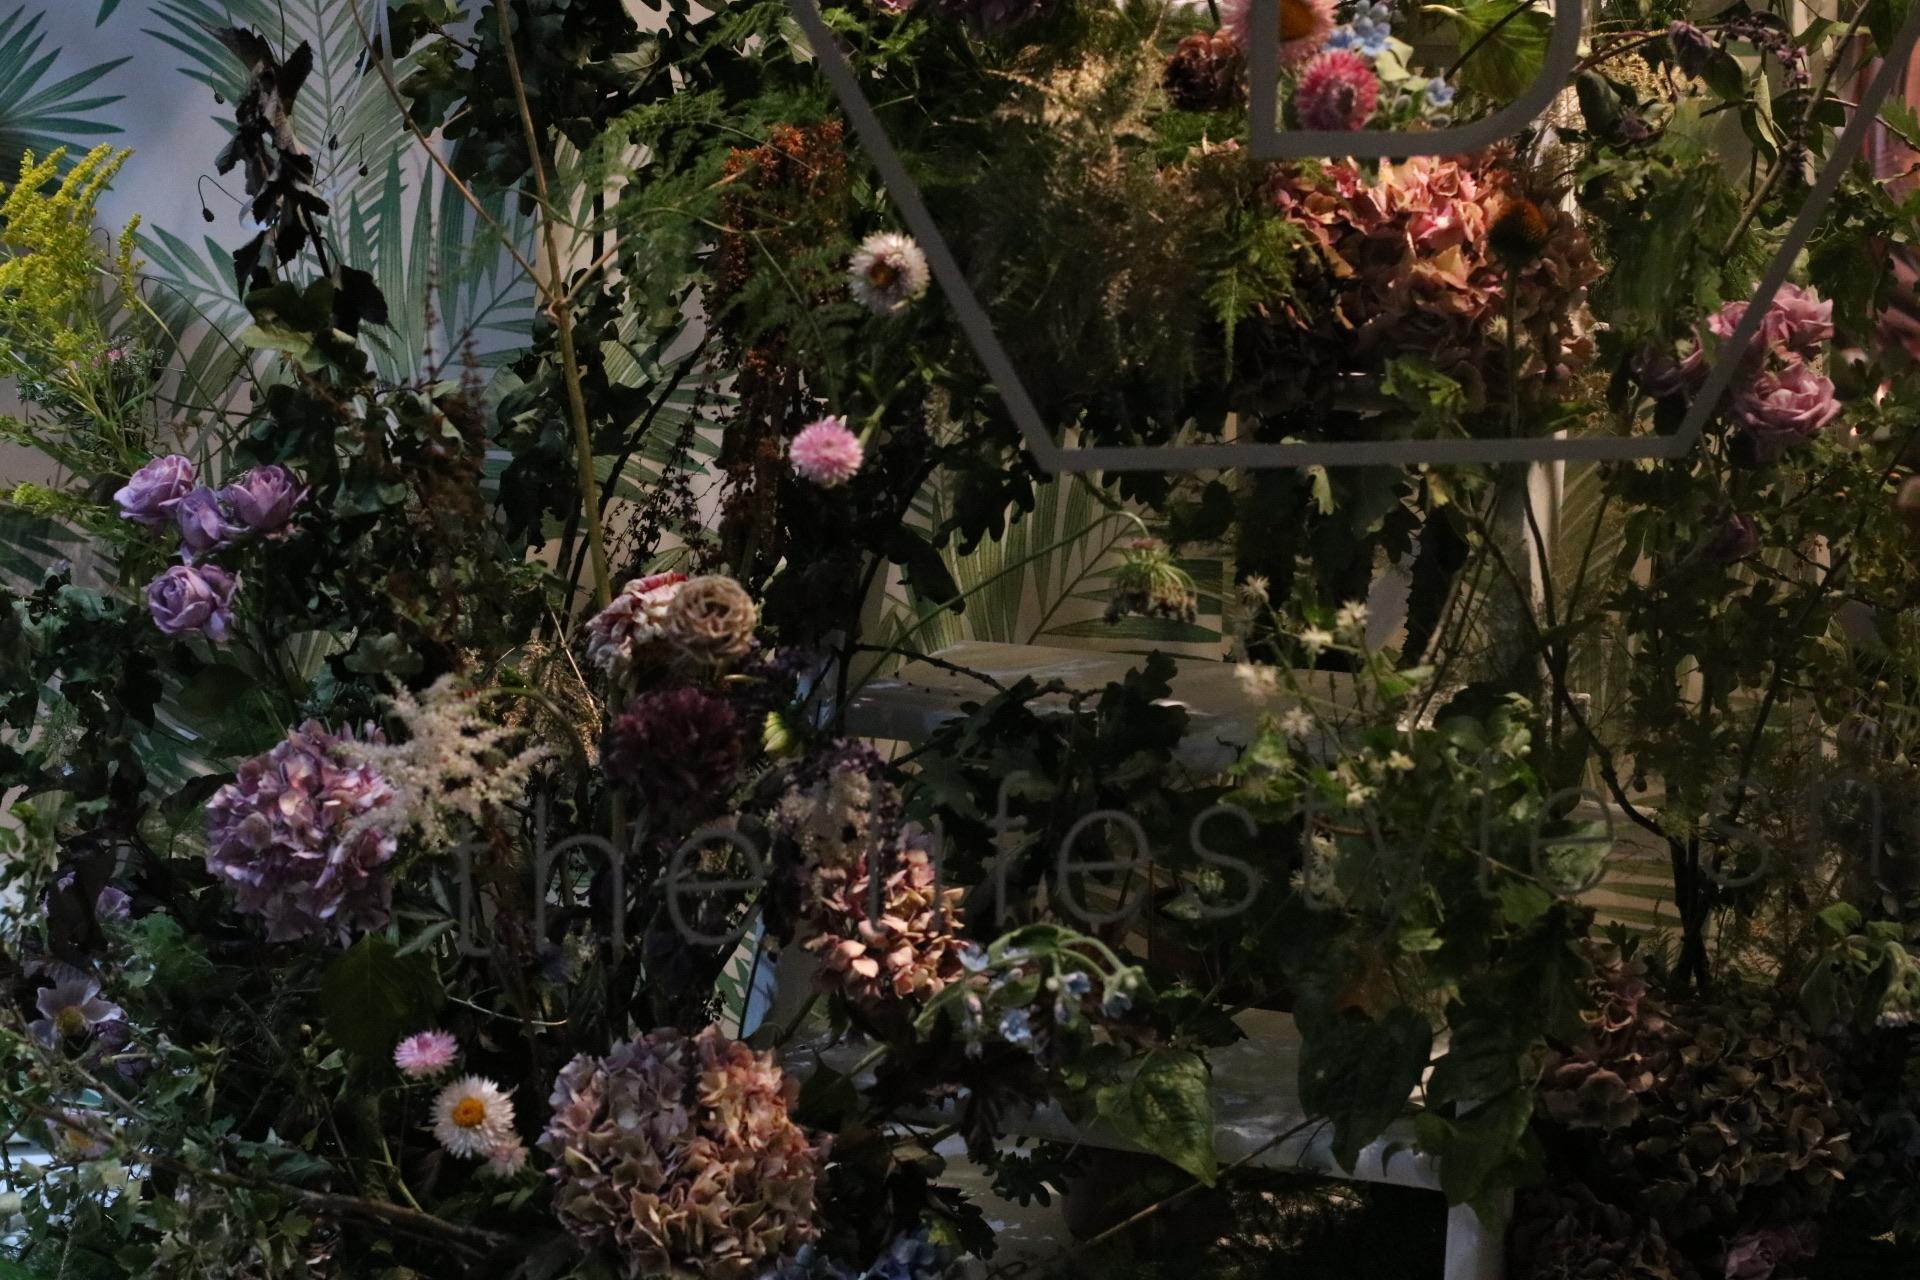 Saint Floral Shop Window Installation